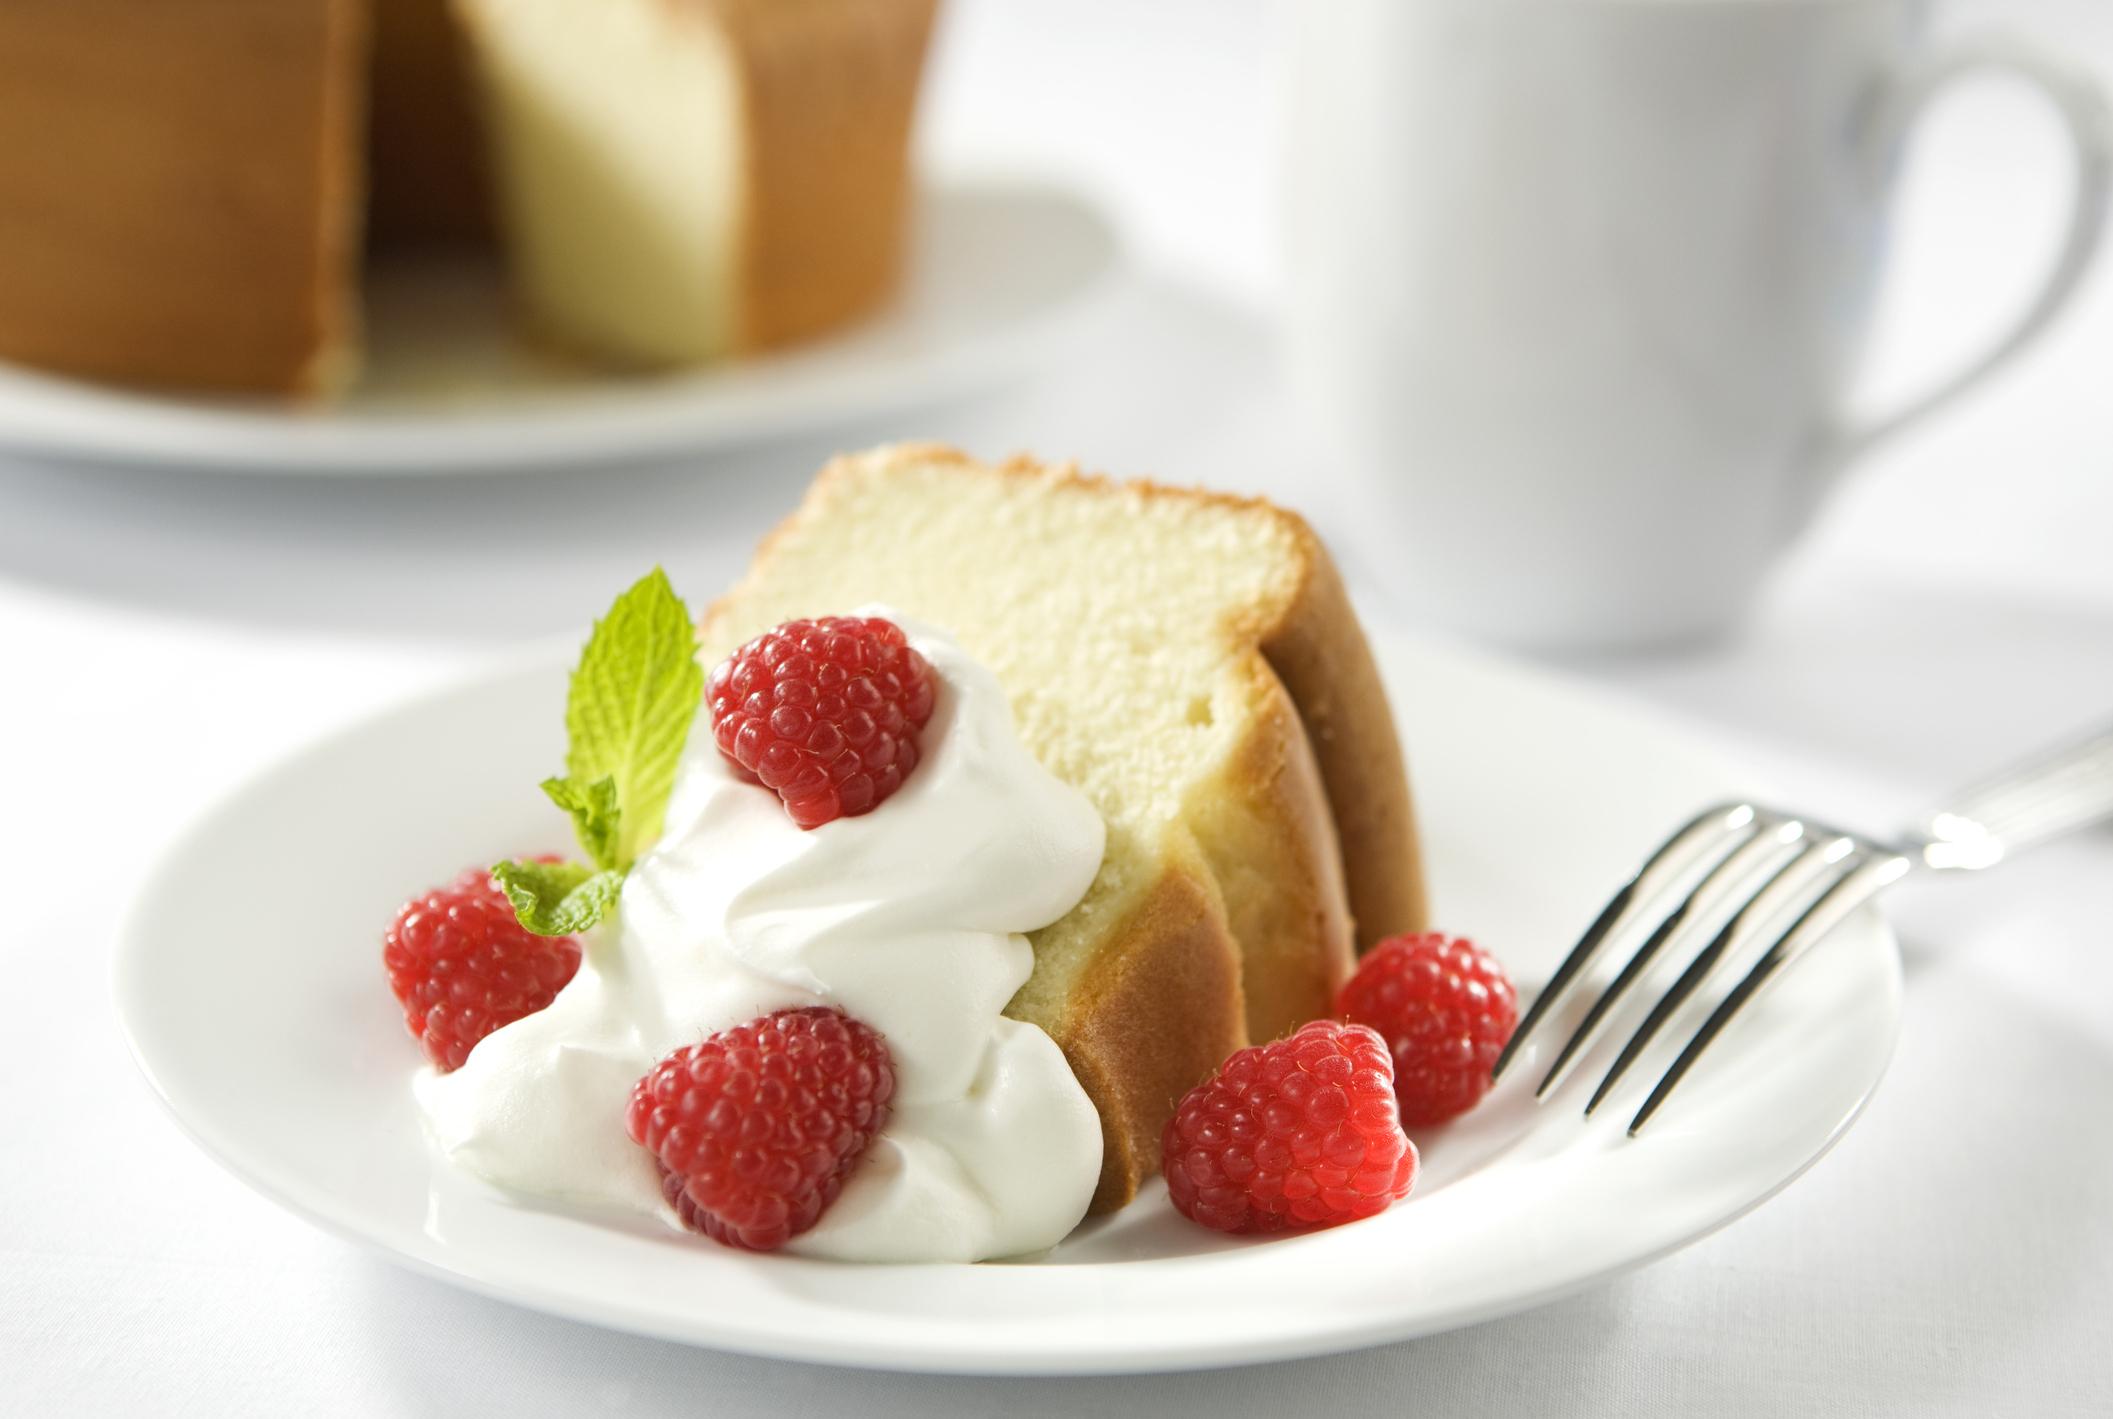 Atkins approved pound cake